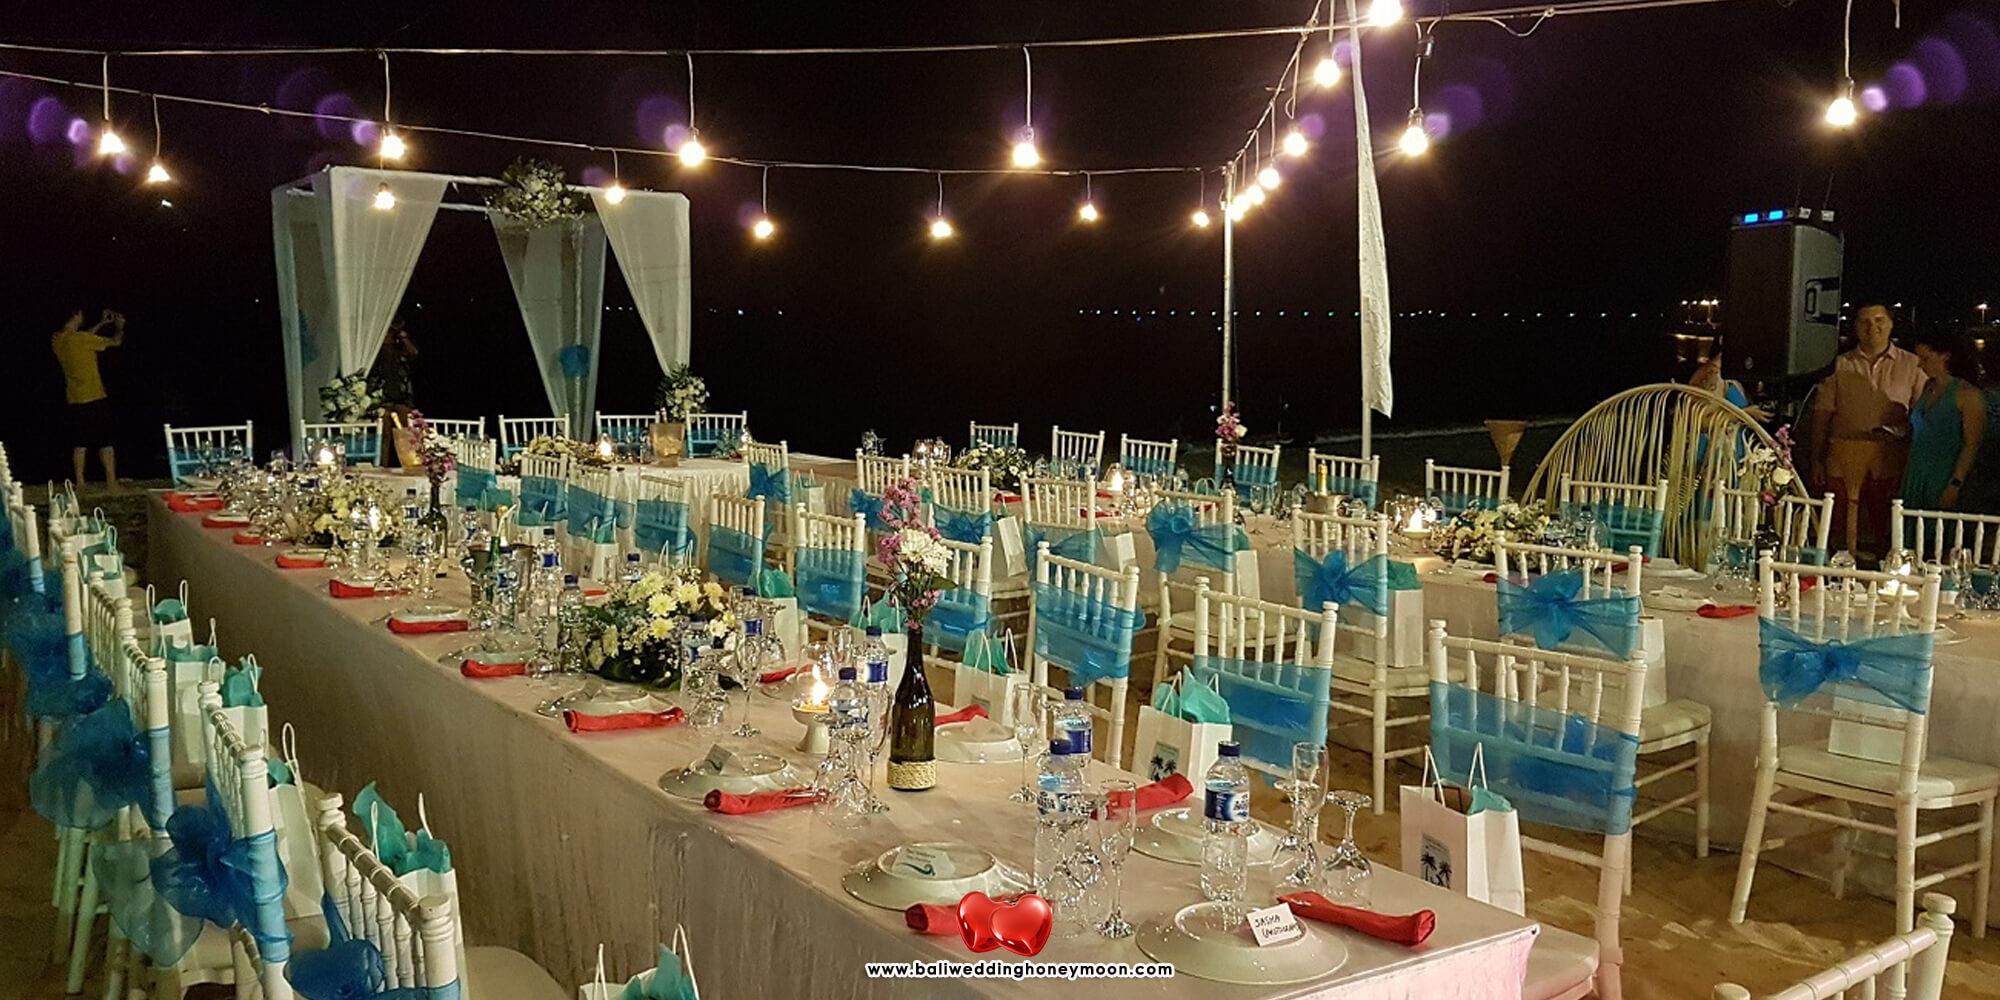 baliweddinghoneymoon-baliweddingplanner-honeymoonplanner-jimbaranbeach1